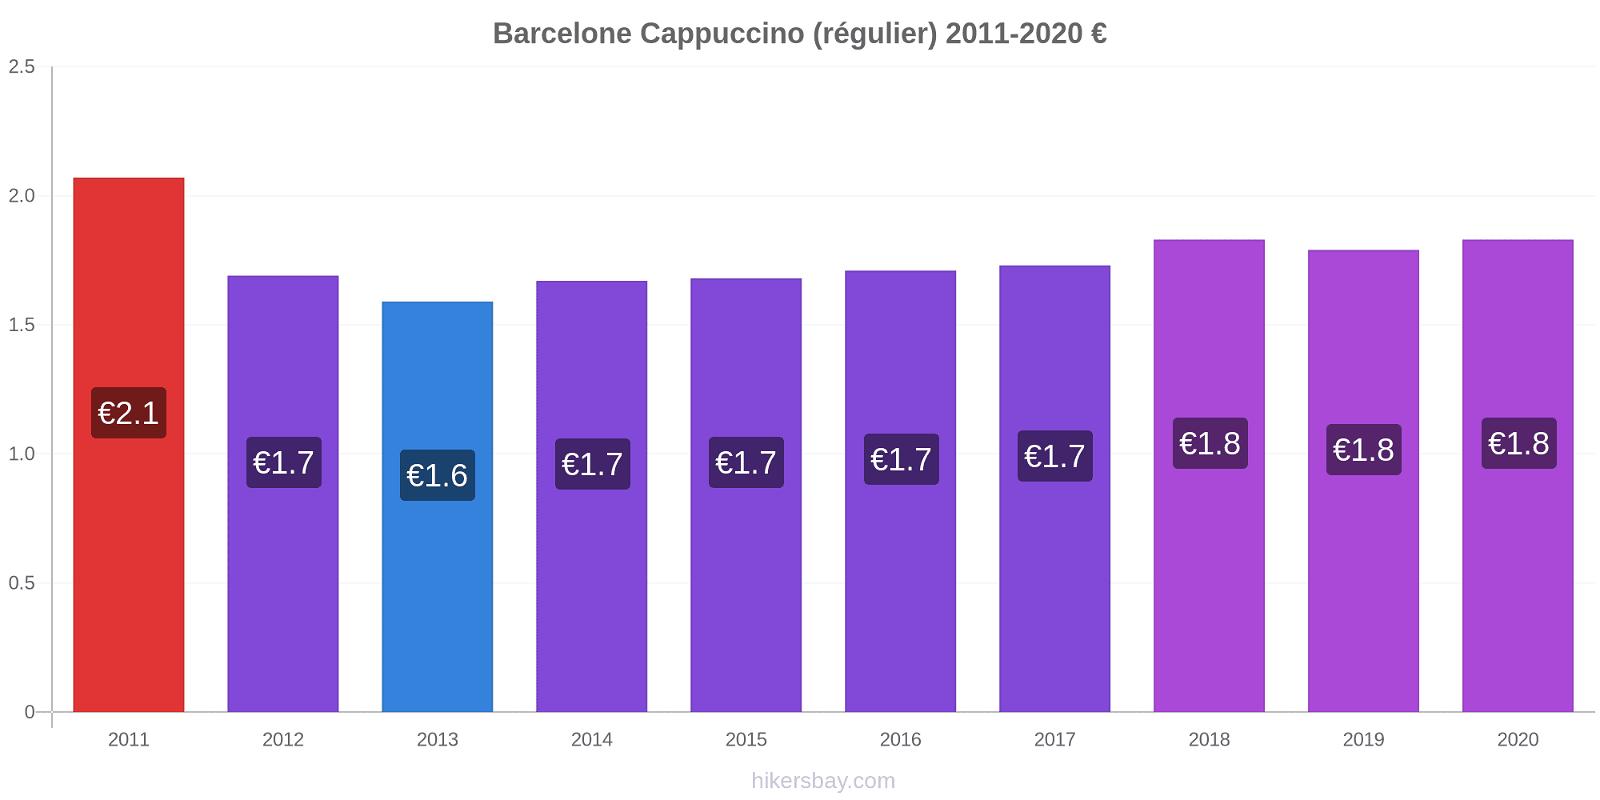 Barcelone changements de prix Cappuccino (régulier) hikersbay.com